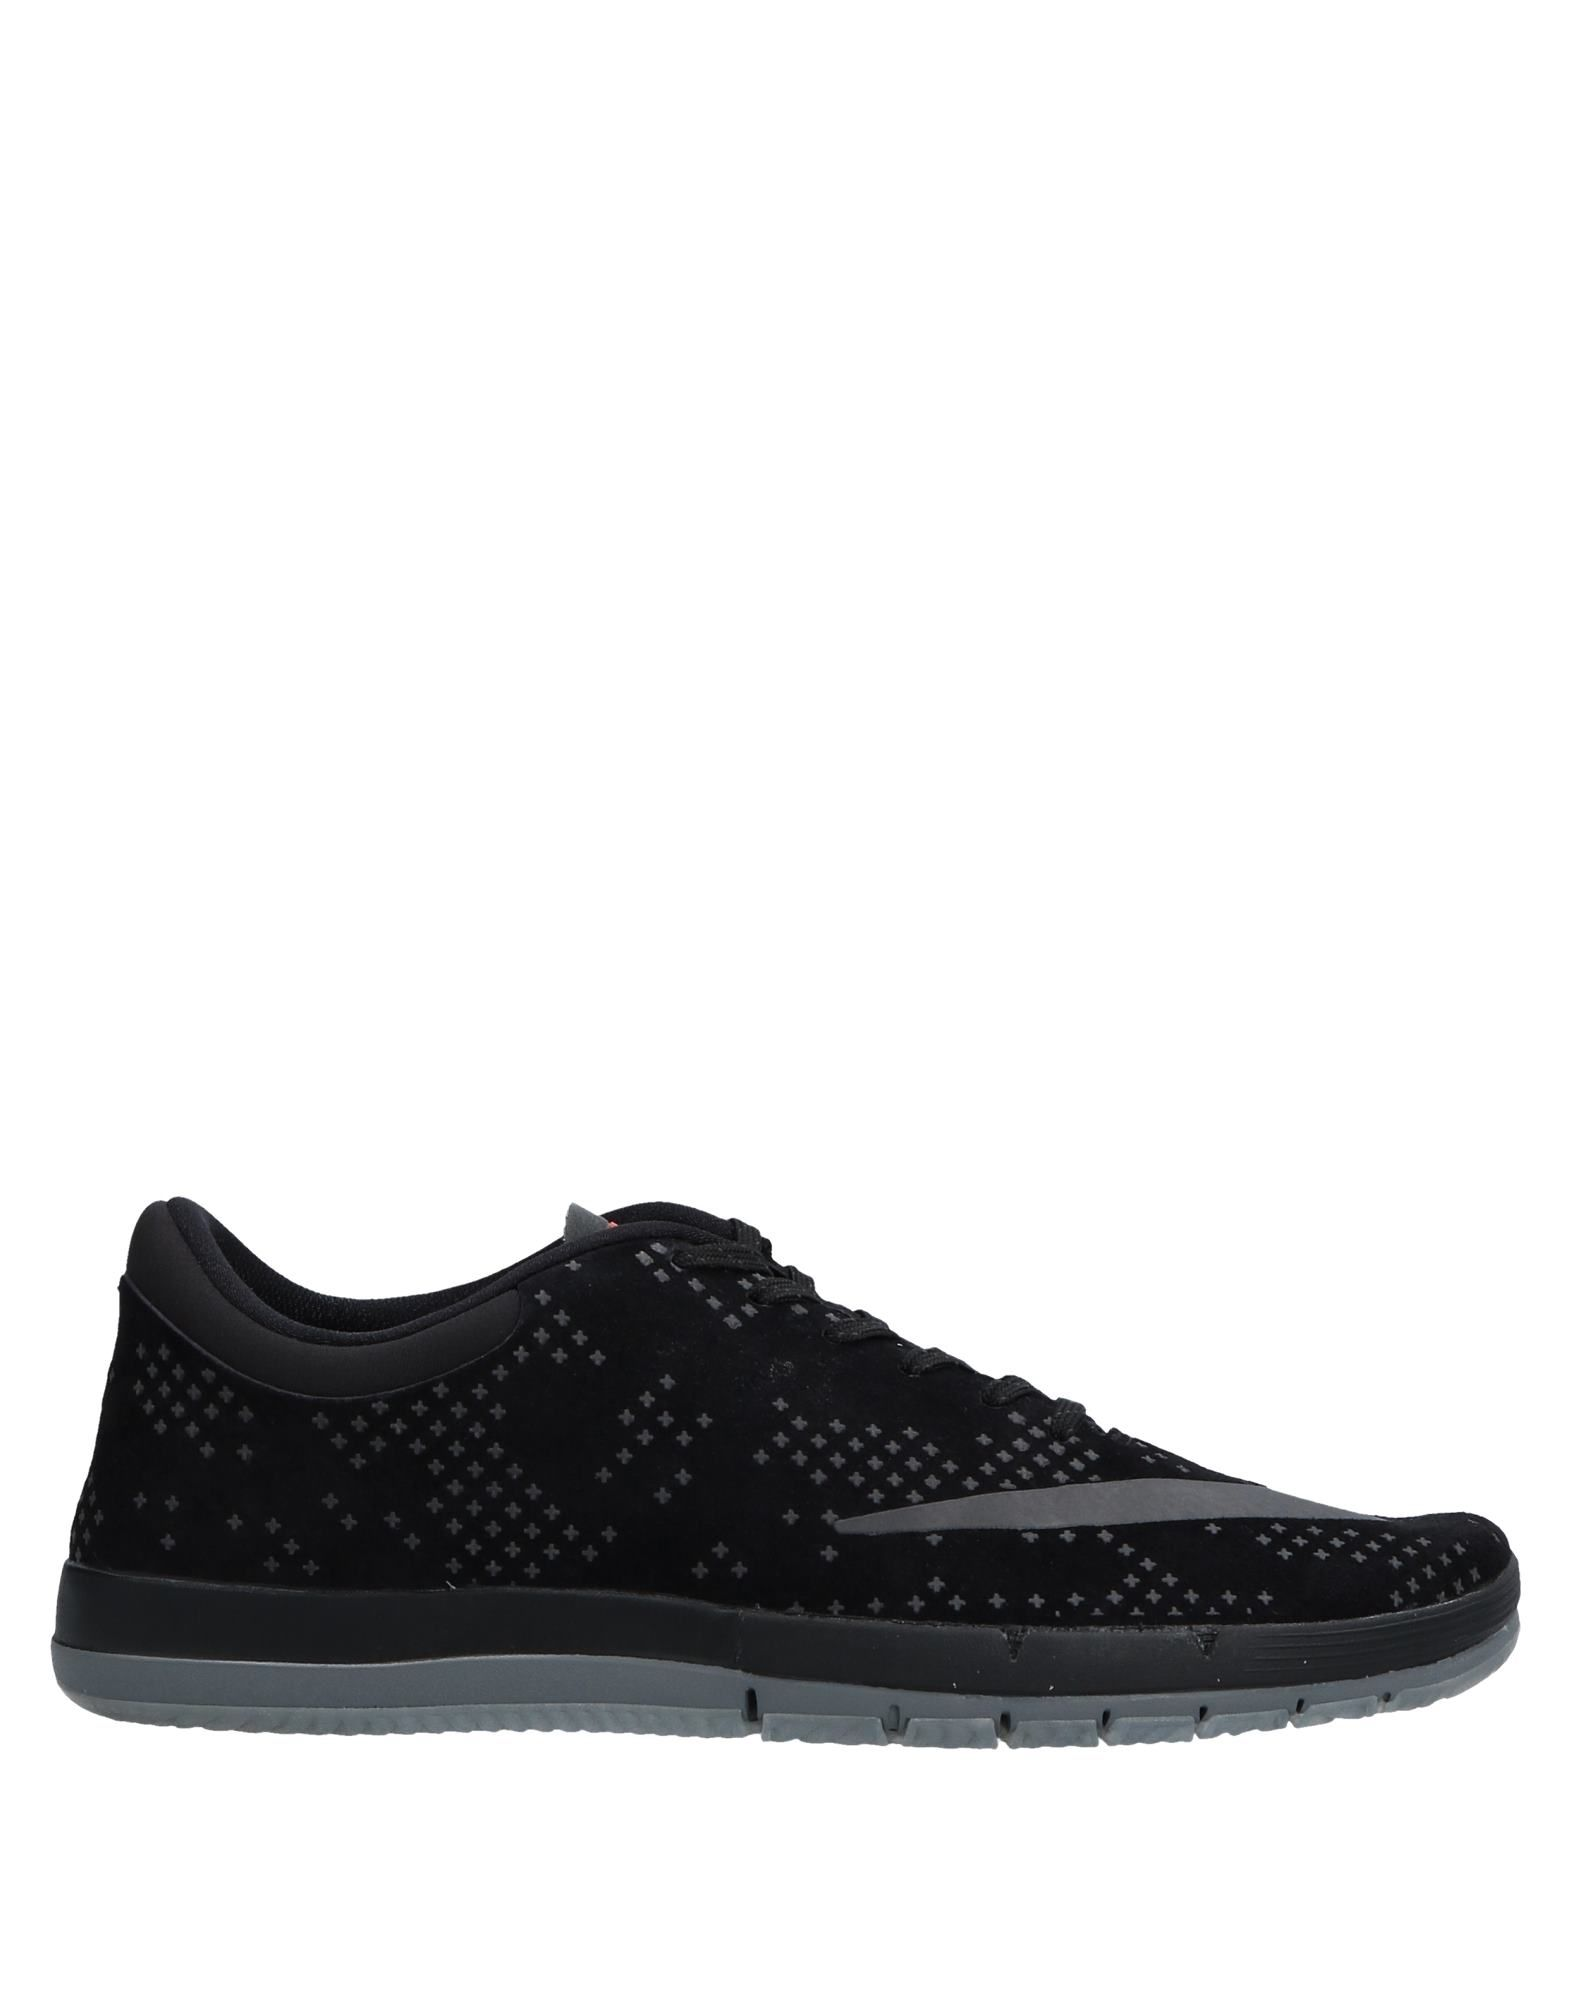 Rabatt echte Schuhe Nike Sb Collection Sneakers Herren  11530309WU